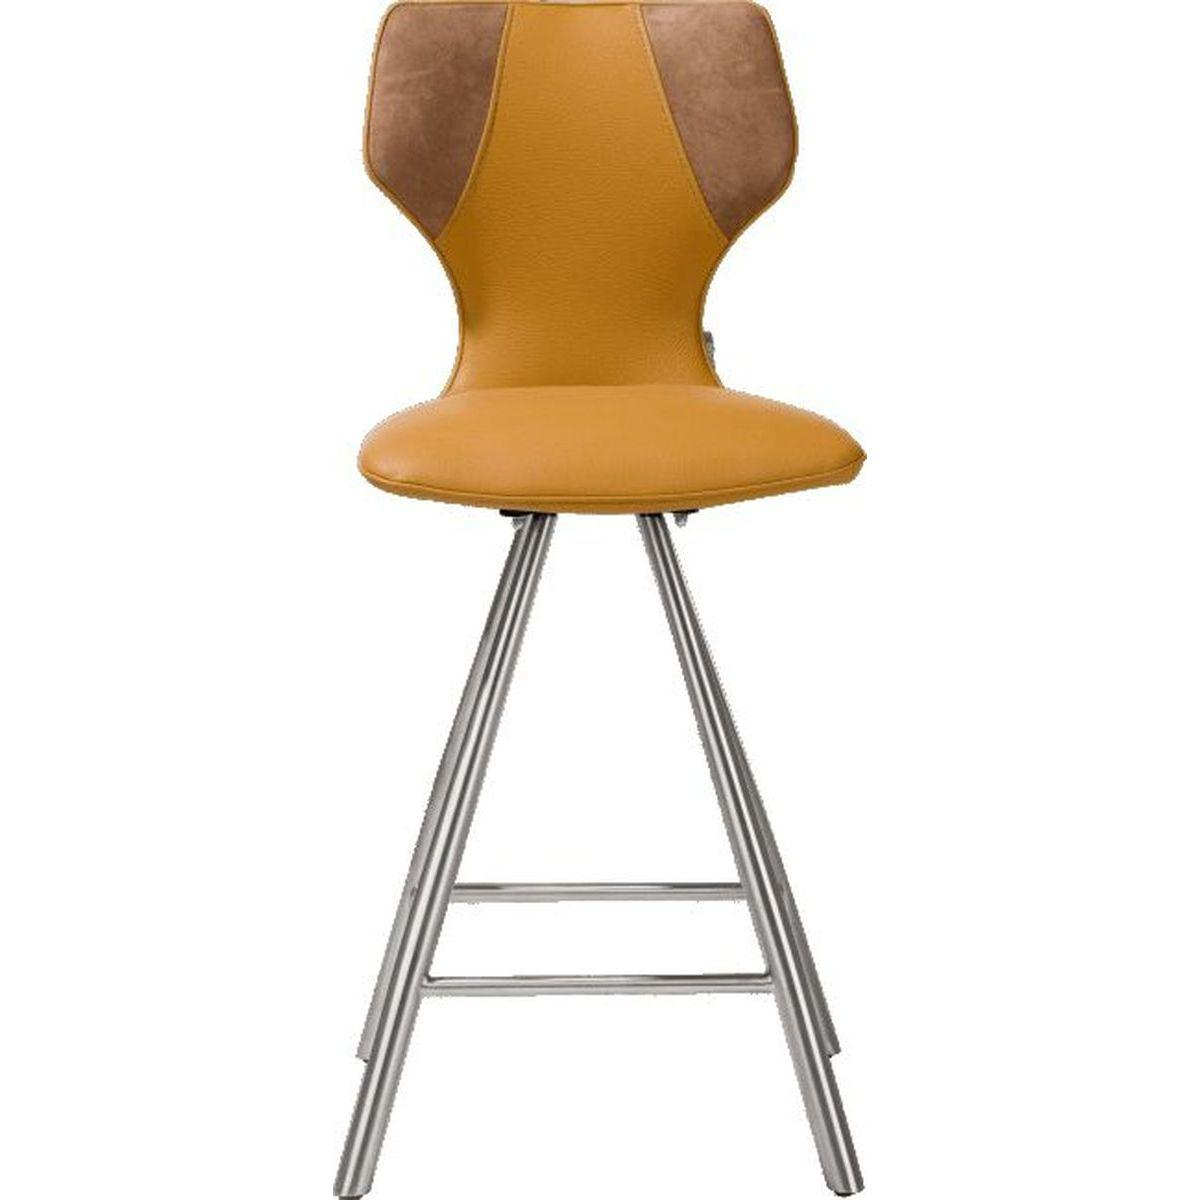 Chaise de bar SCOUT Xooon orange